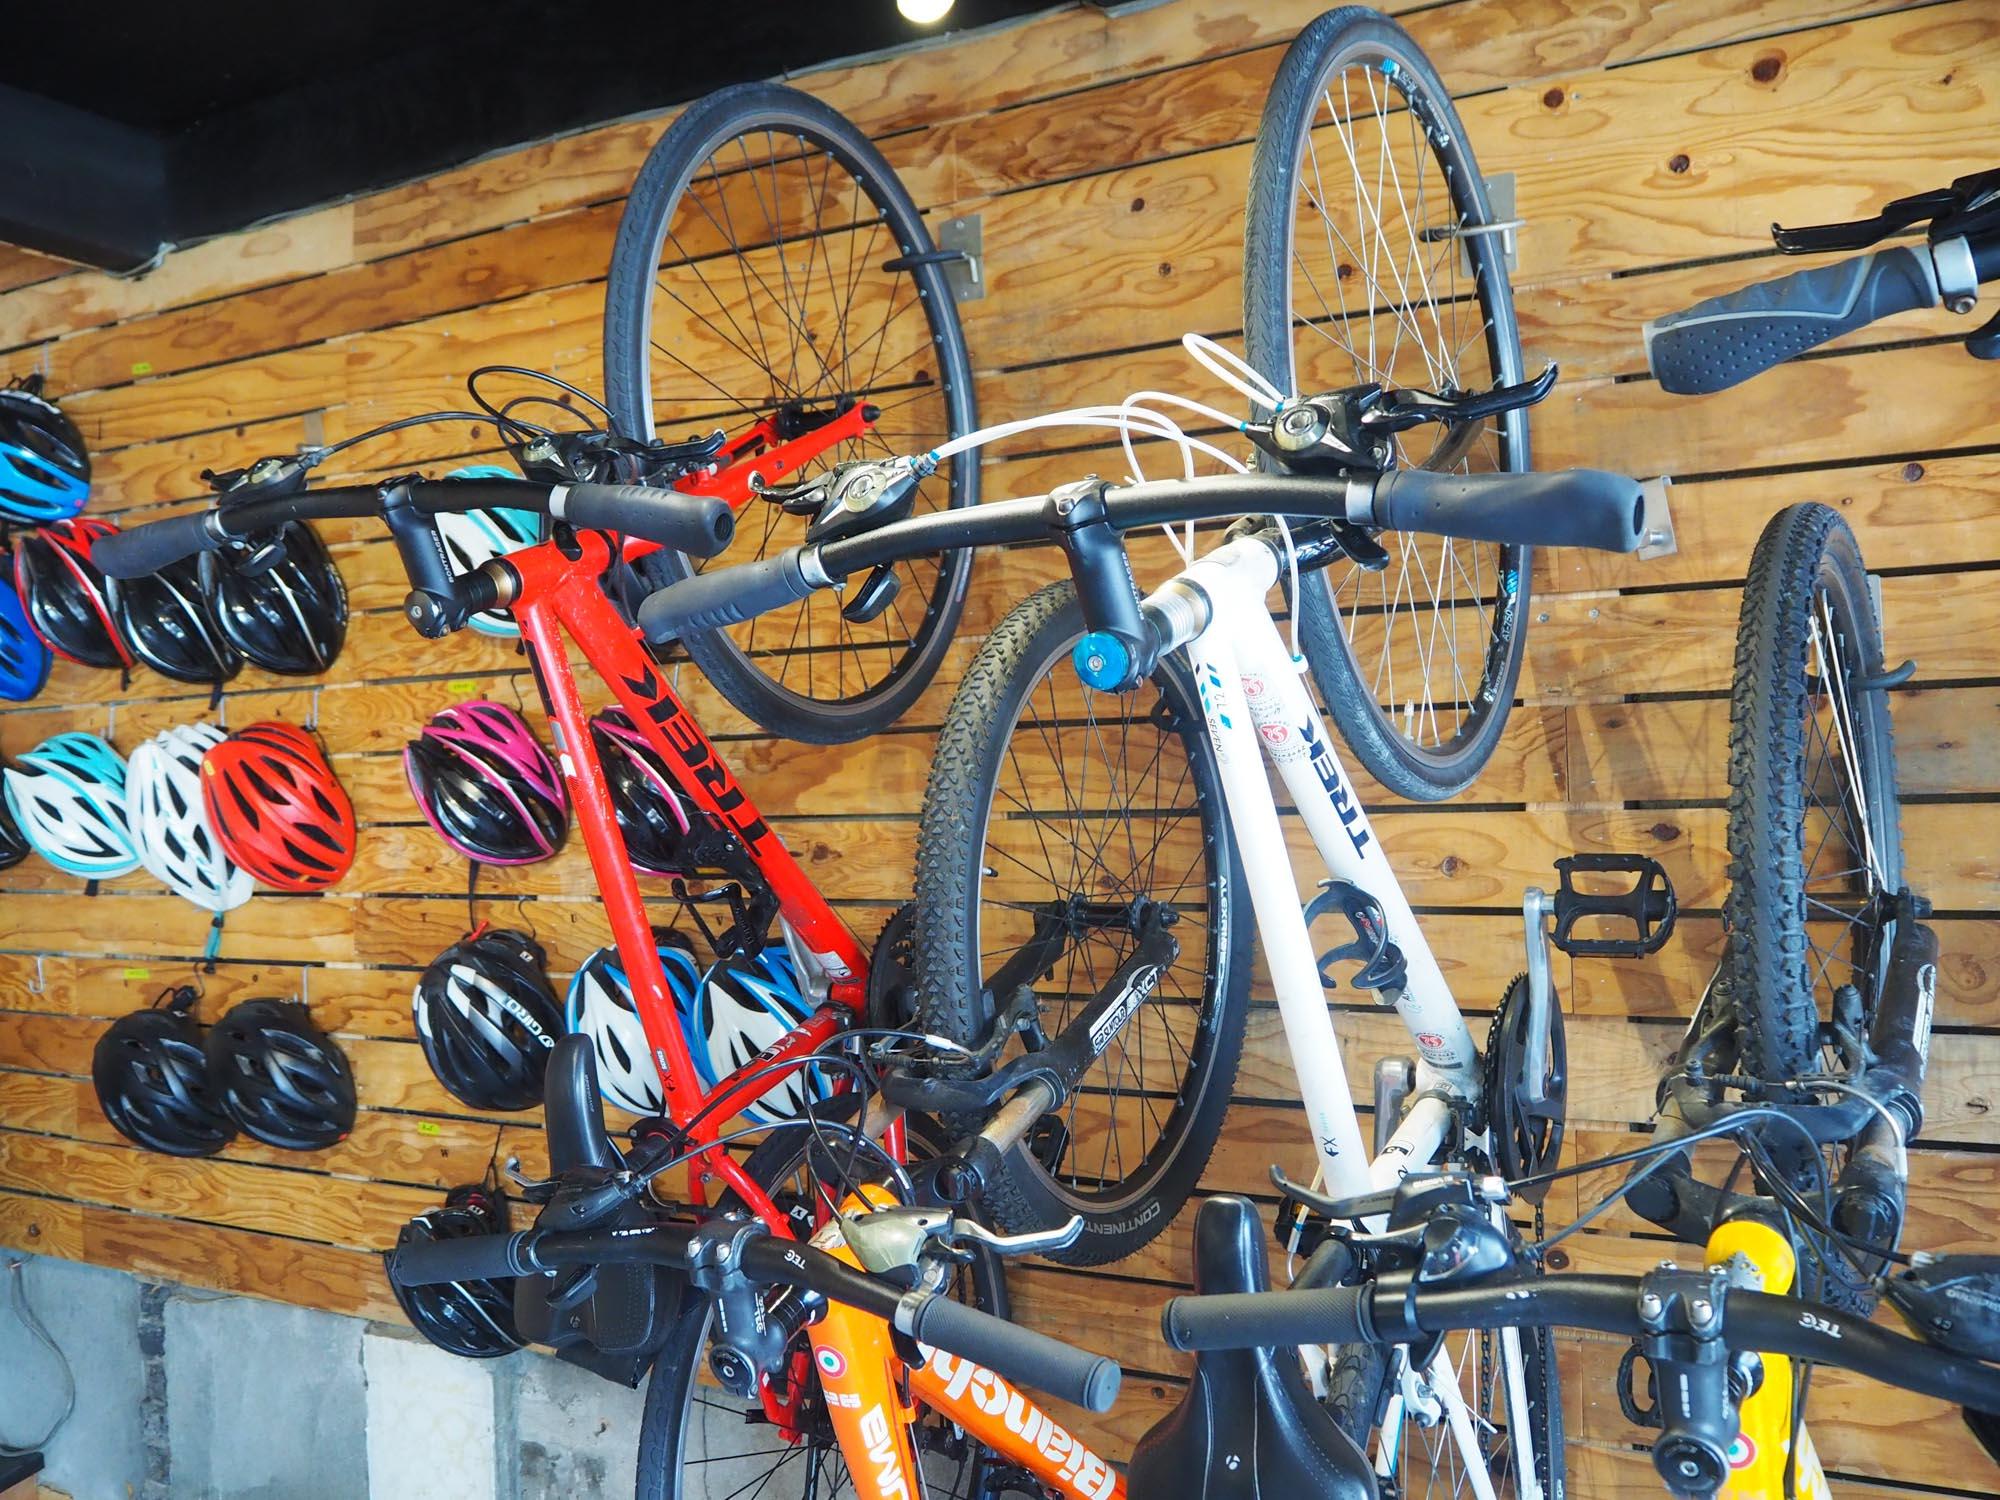 いわゆるママチャリではなく、クロスバイク、マウンテンバイク、ロードバイク、キッズバイクなどから選べます。